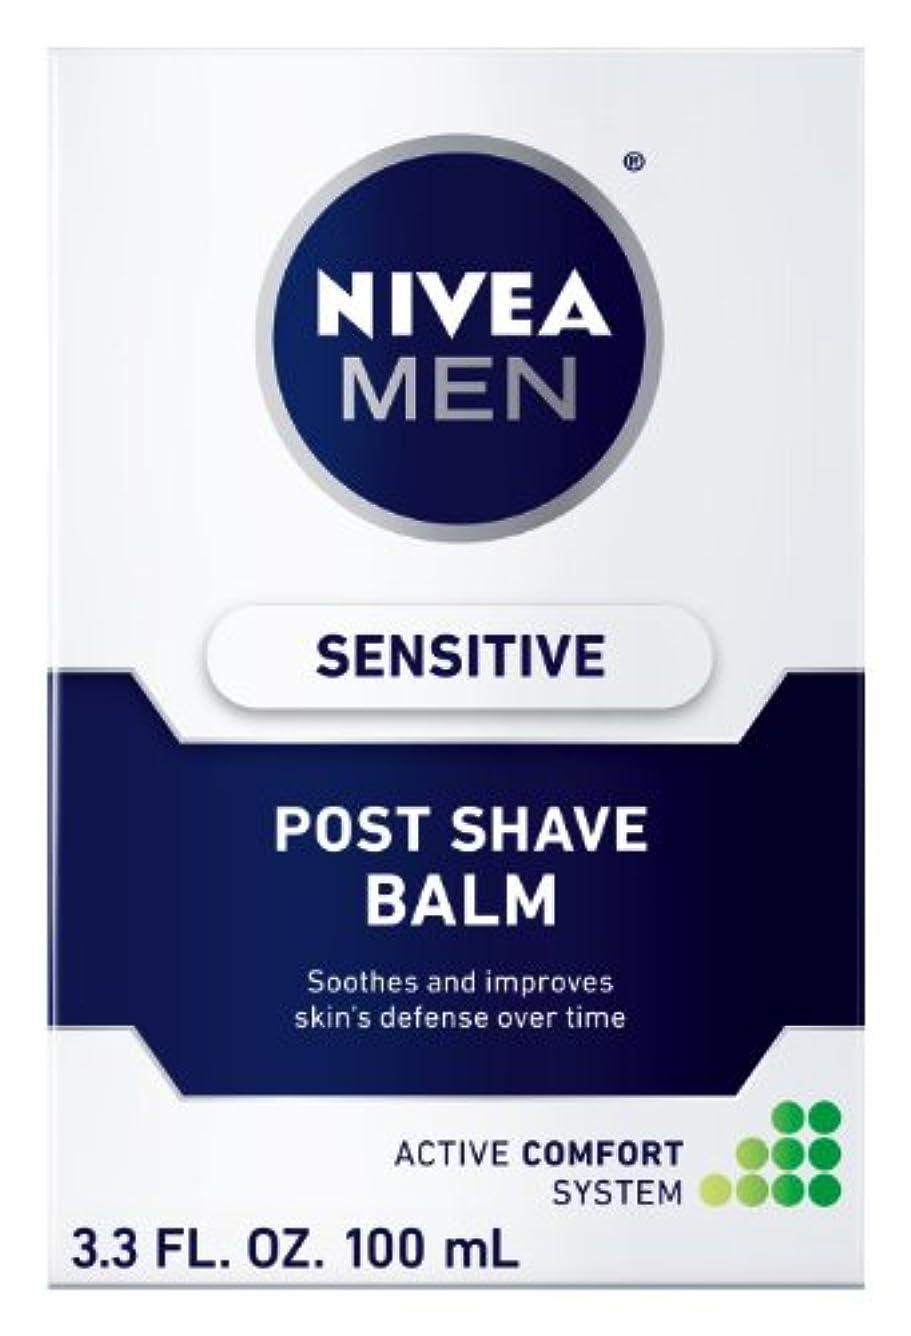 事業人事ドナウ川【海外直送】 男性用ニベア 敏感肌用 アフターシェーブバーム(100ml) Nivea for Men Sensitive Post Shave Balm (3.3oz)